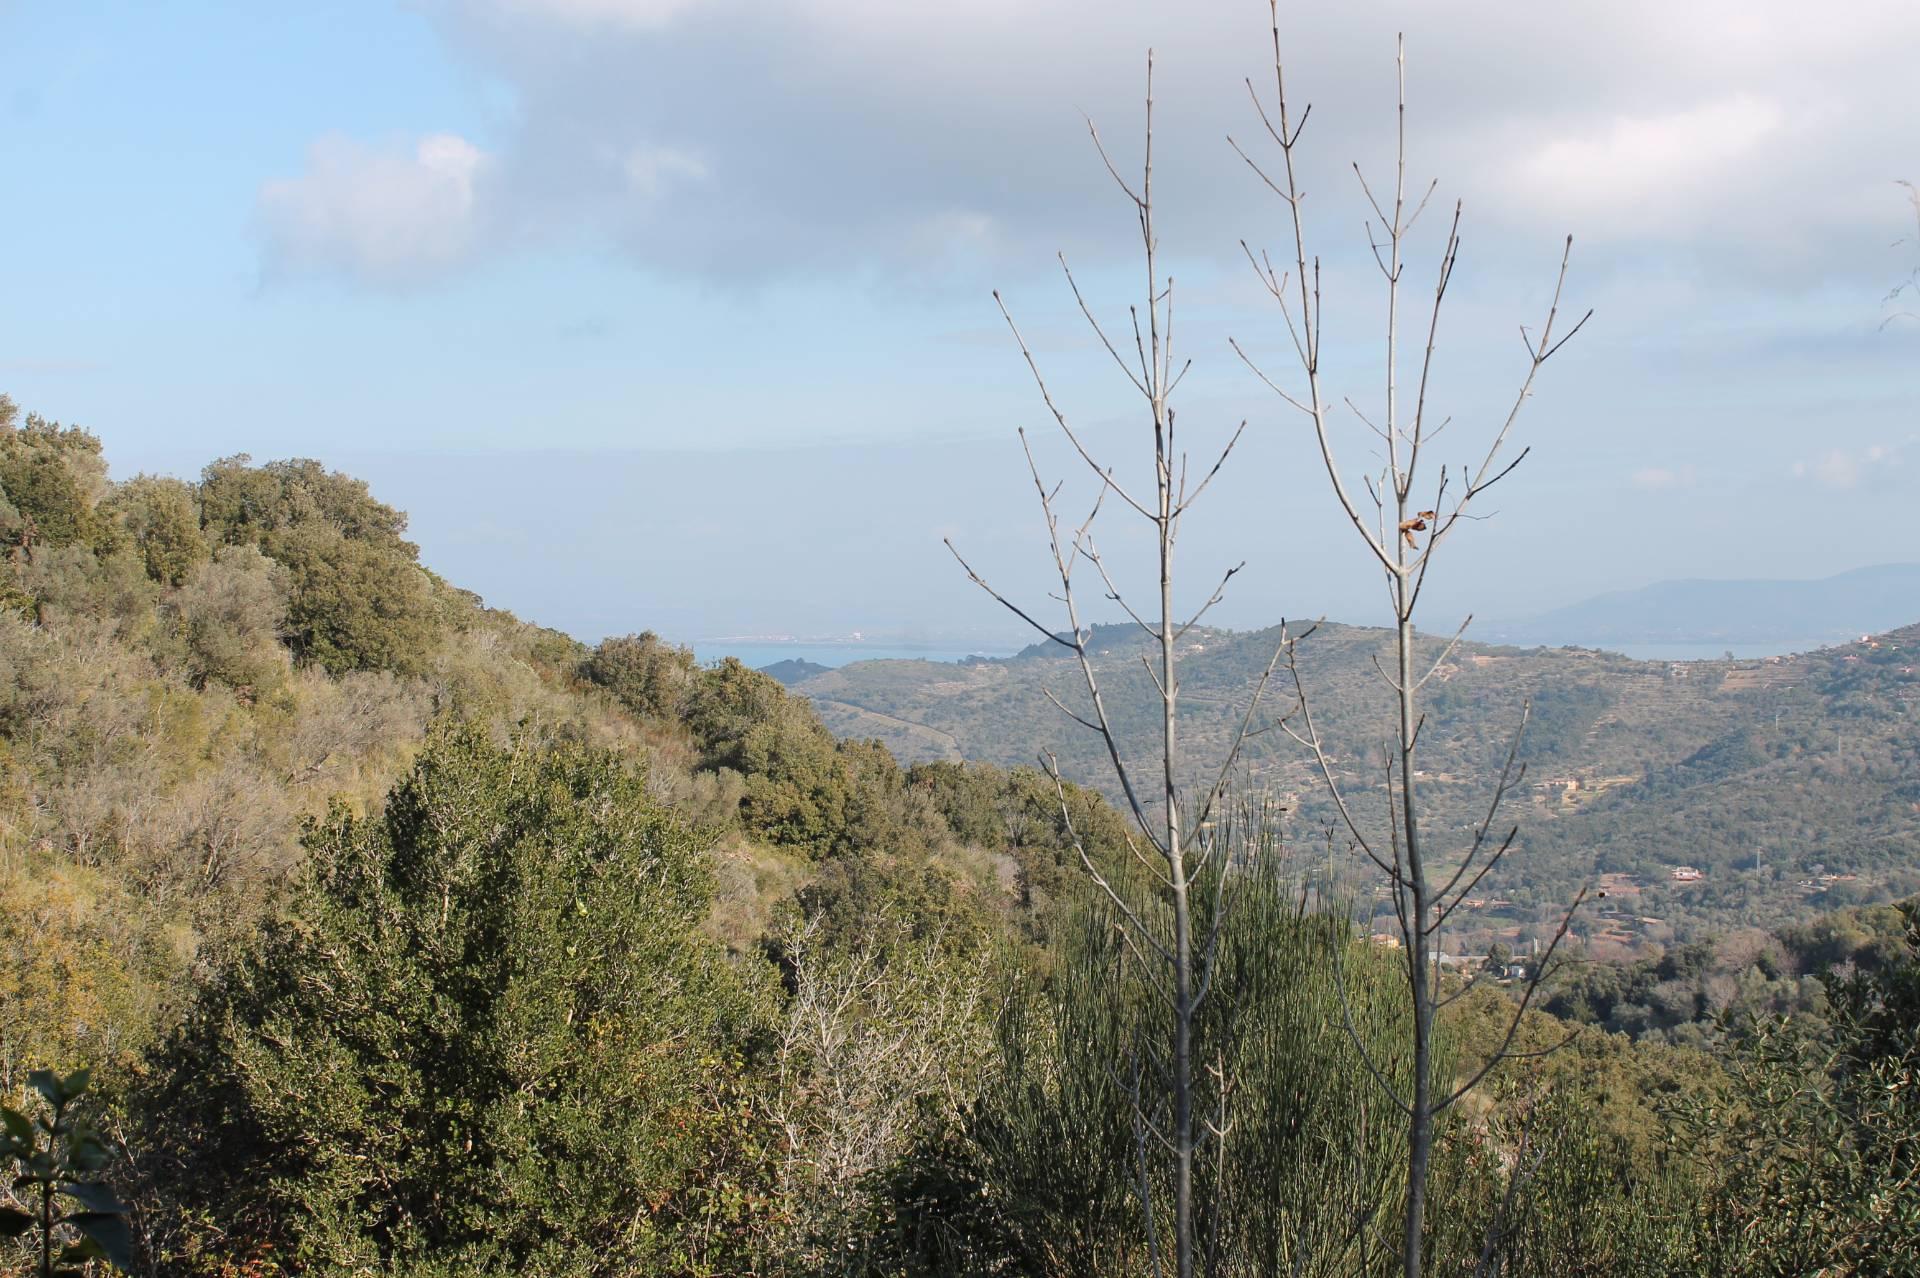 Rustico / Casale in vendita a Monte Argentario, 2 locali, zona Località: PortoS.oStefano, prezzo € 80.000 | CambioCasa.it